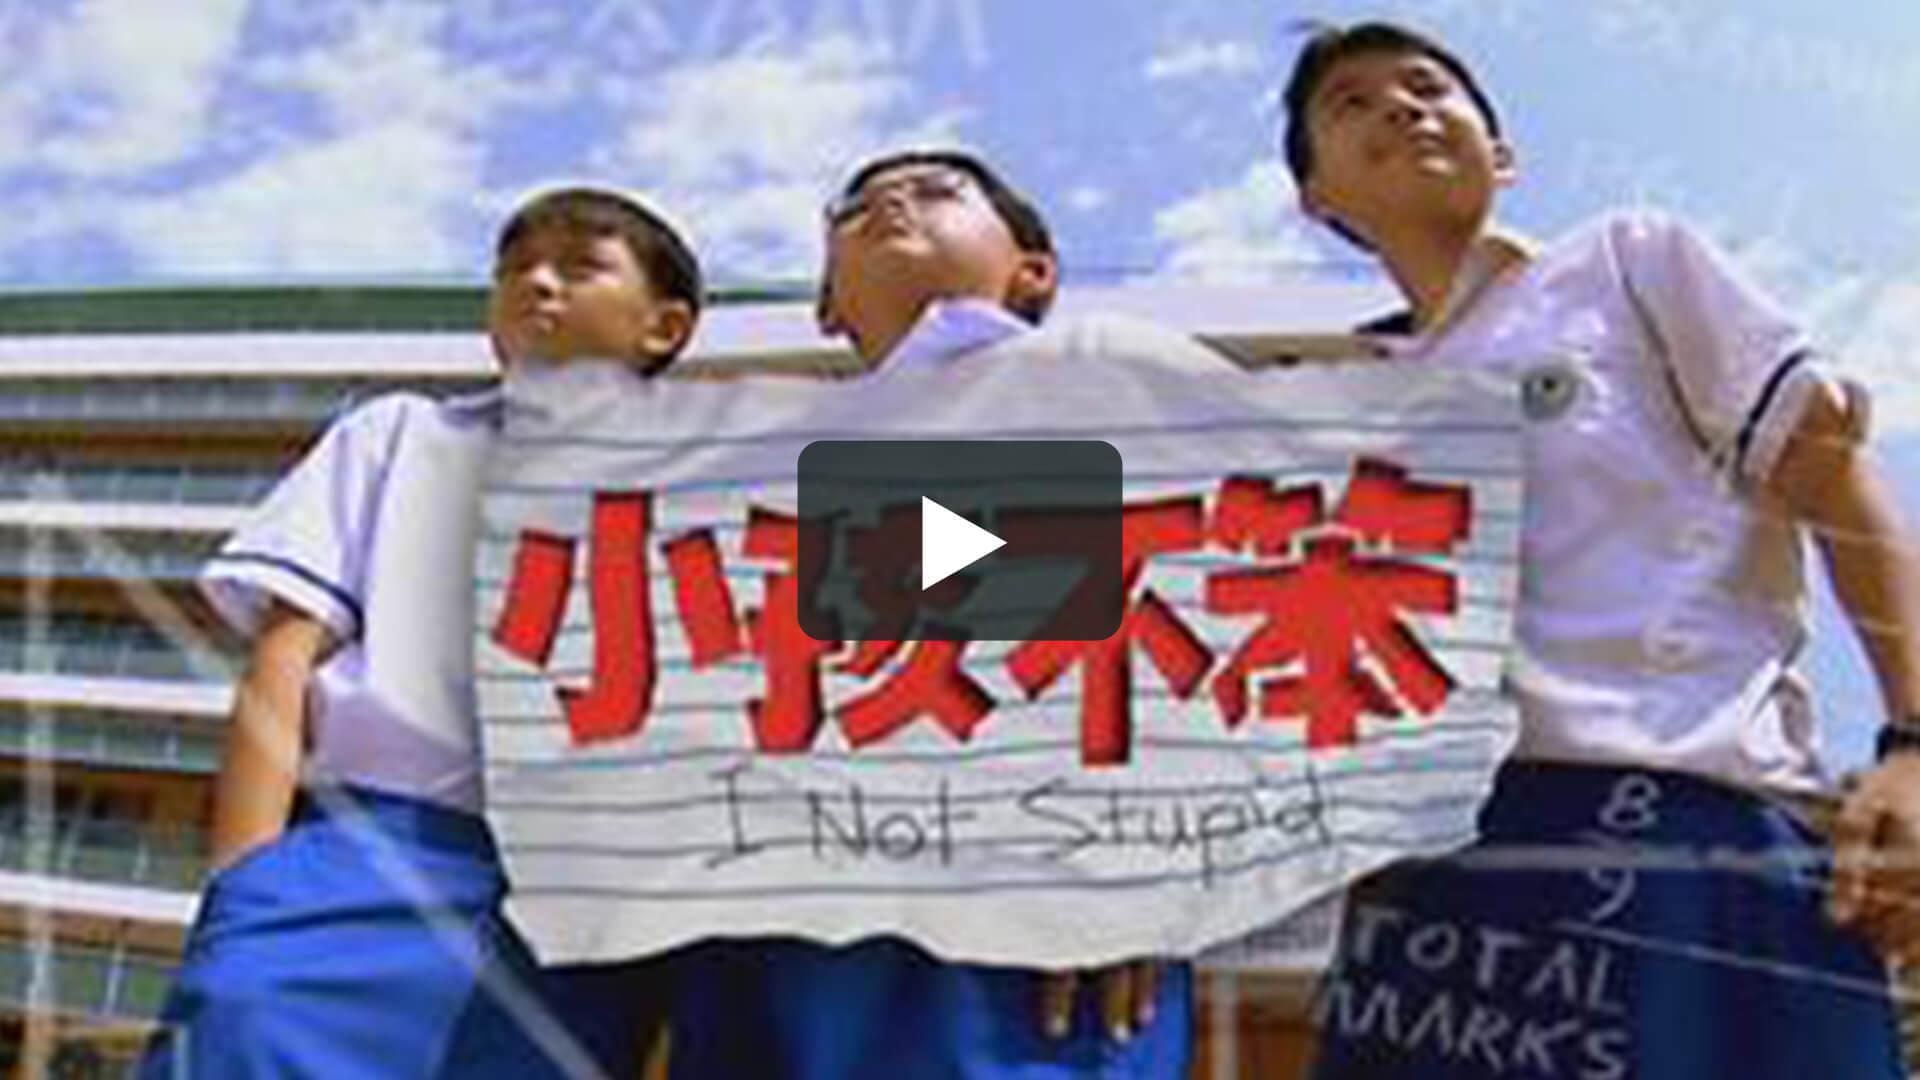 小孩不笨 - I Not Stupid